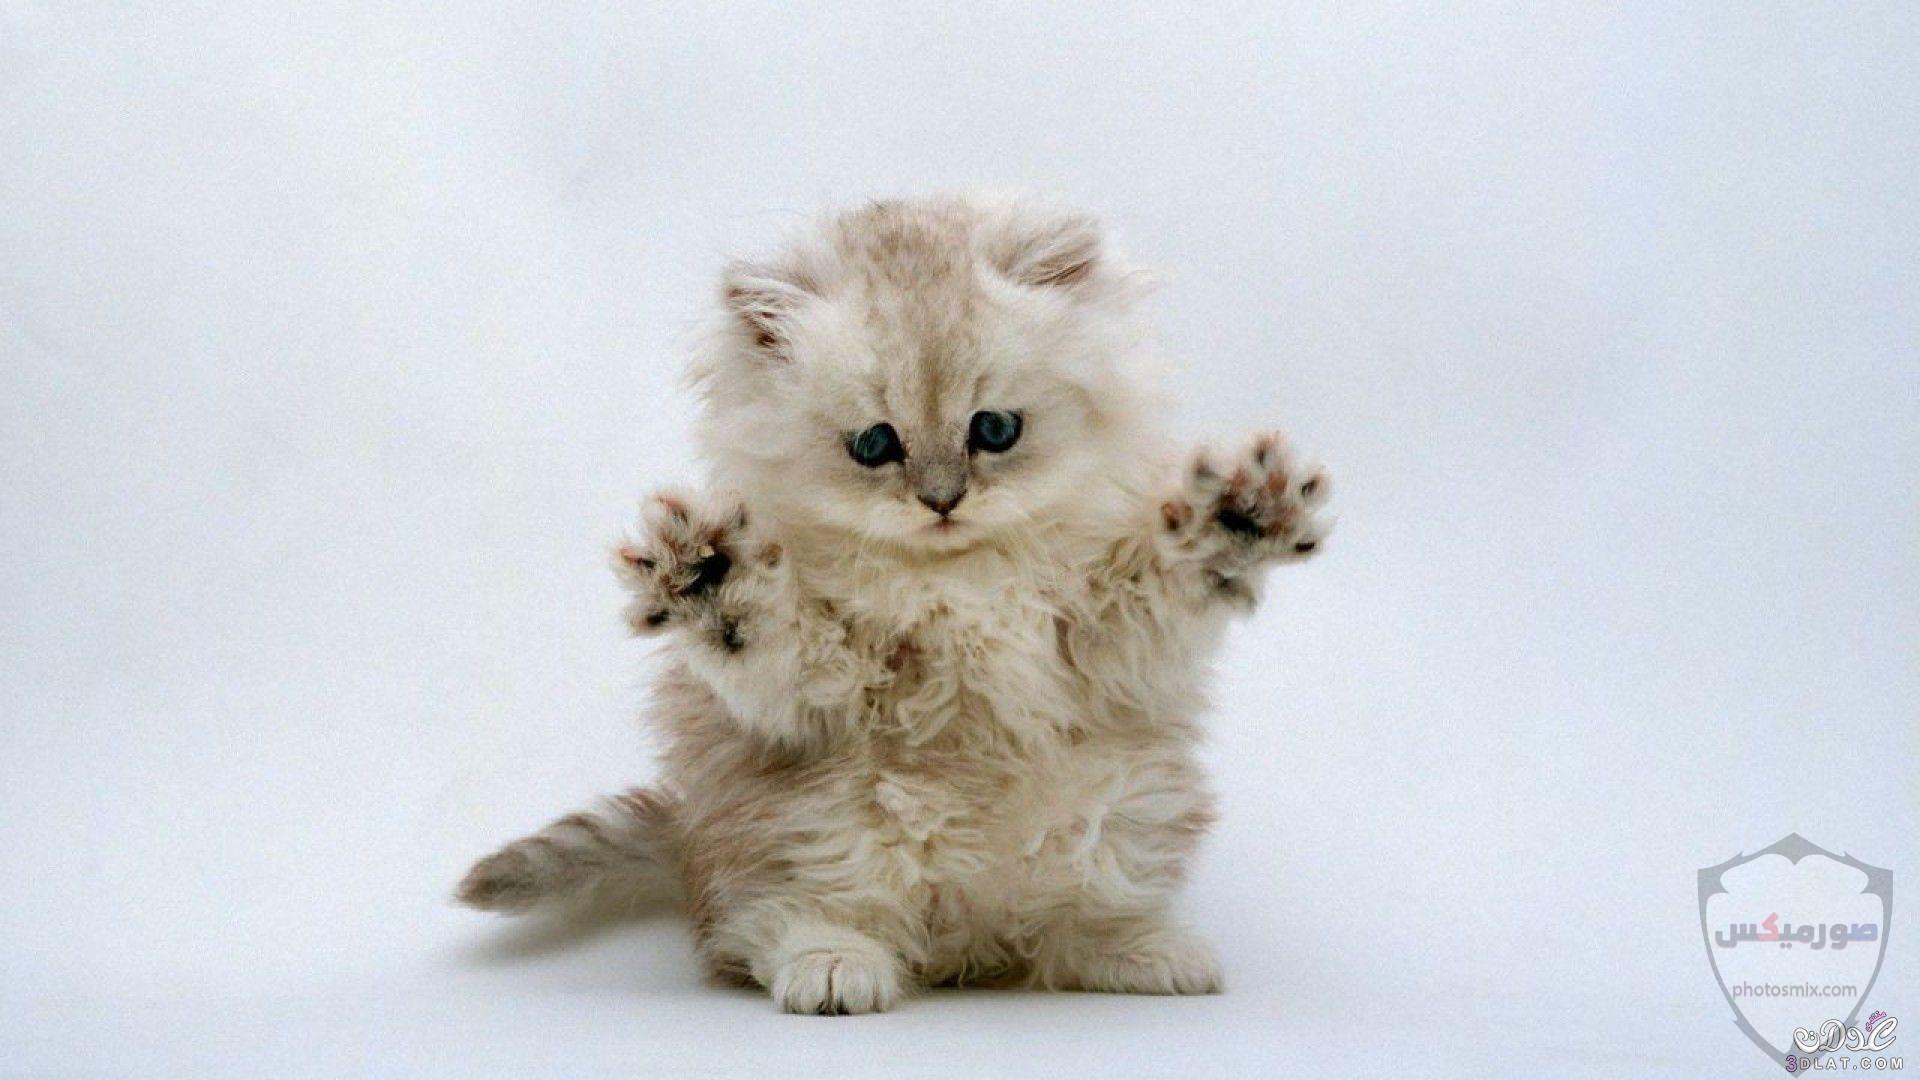 صور خلفيات رمزيات قطط كيوت صورة قطة كيوت جدا 66